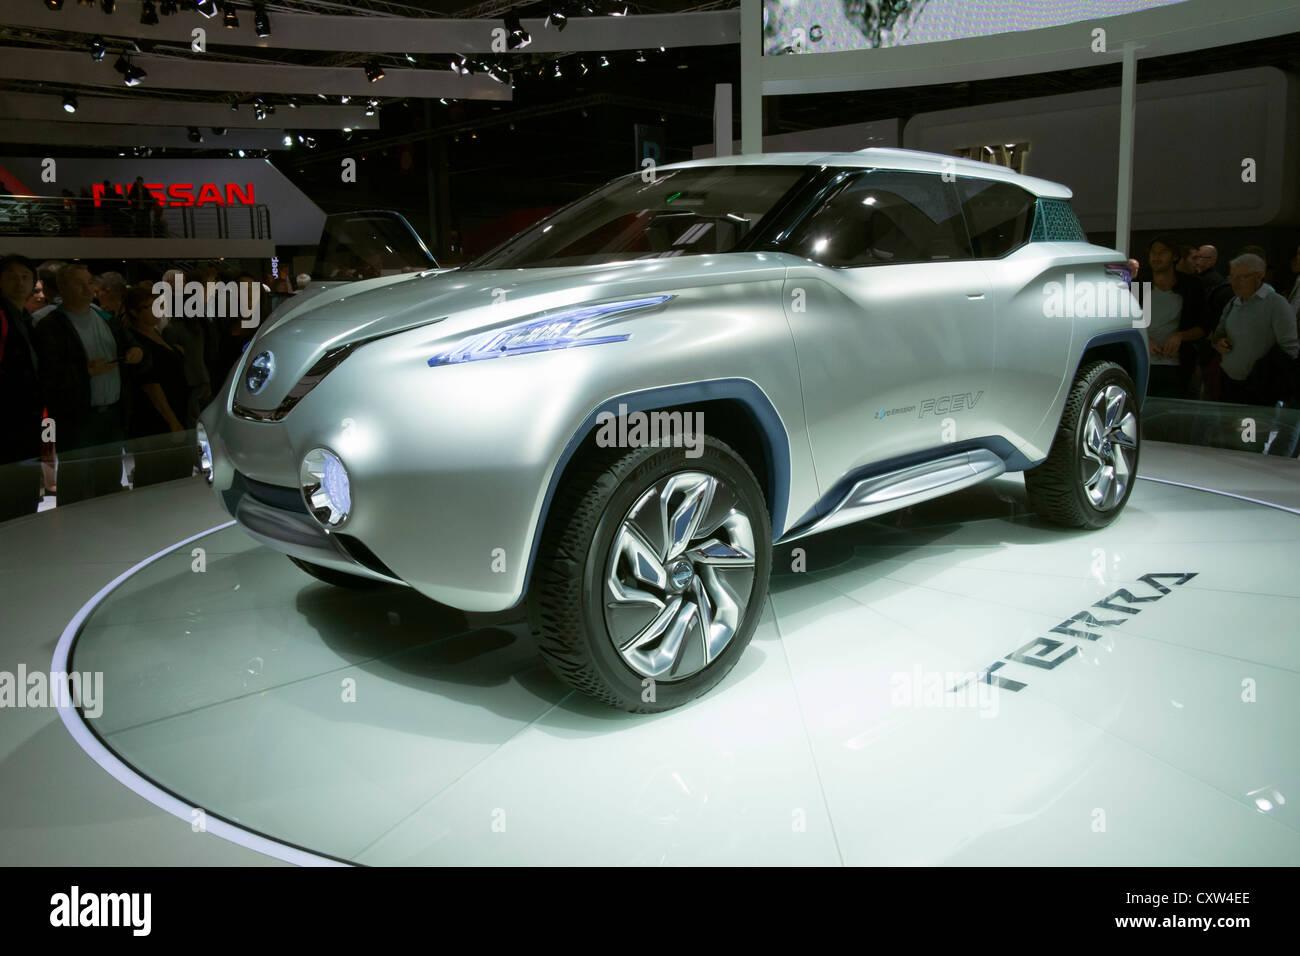 Nissan di Terra a cella a combustibile alimentato concept car al Paris Motor Show 2012 Immagini Stock